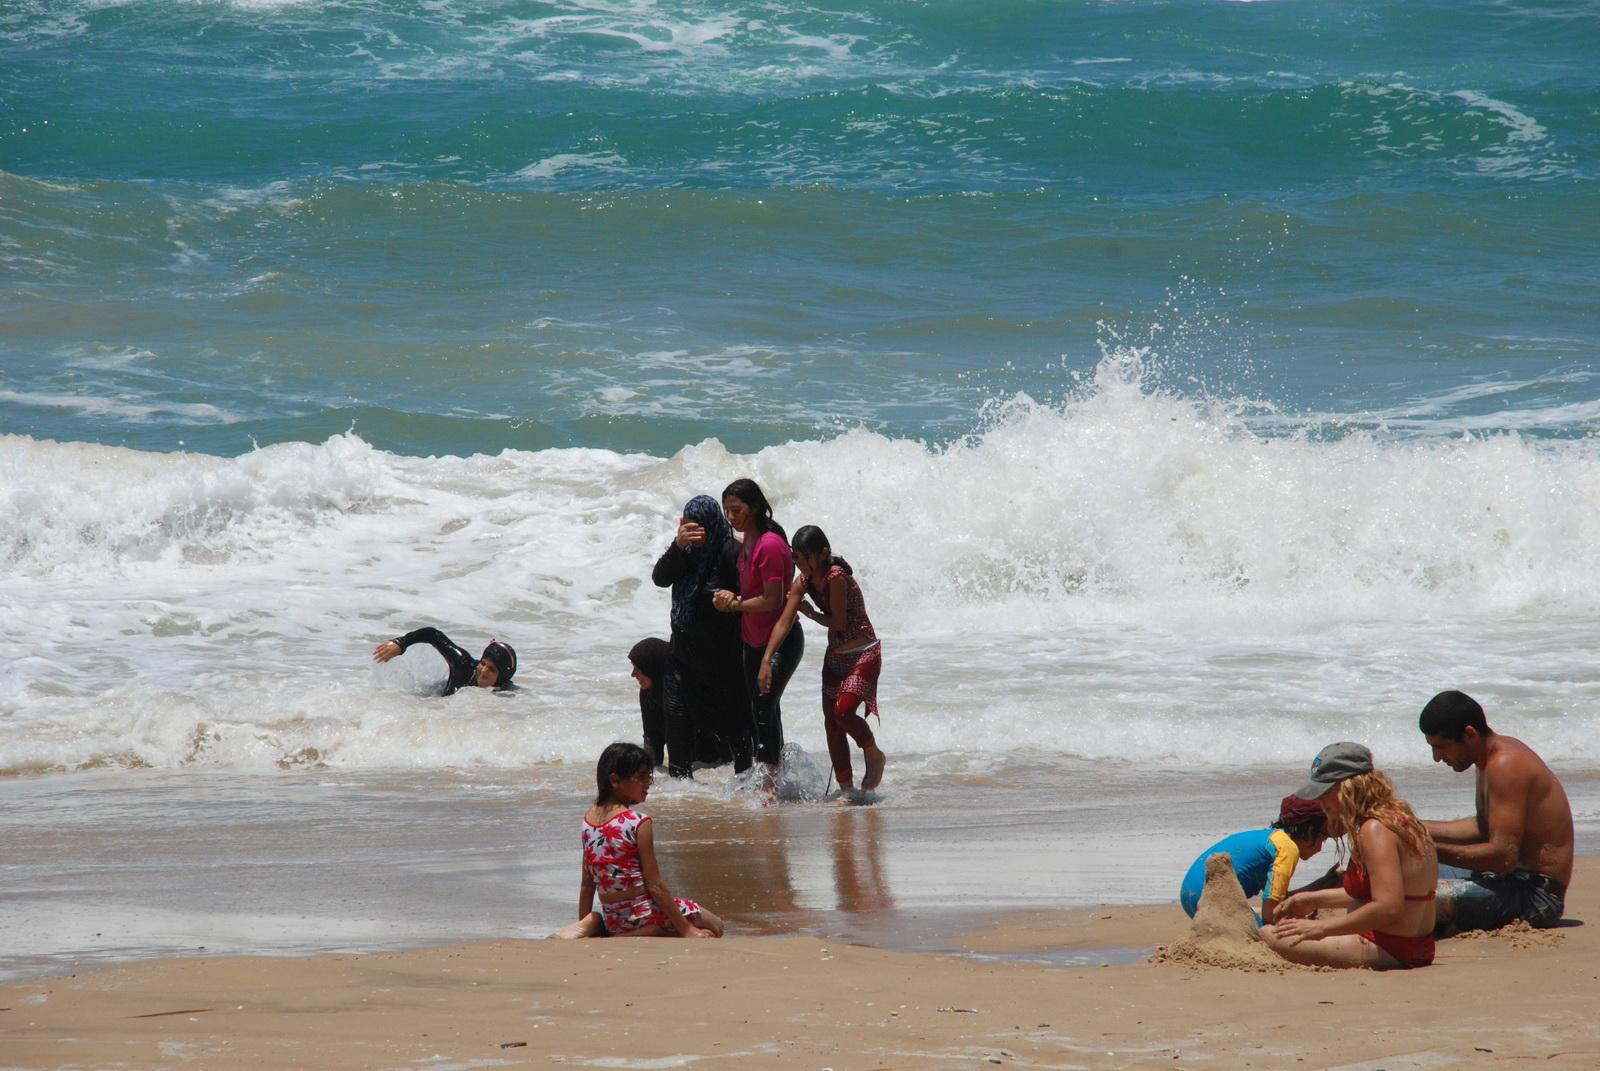 יפו - מתרחצים בחוף הים